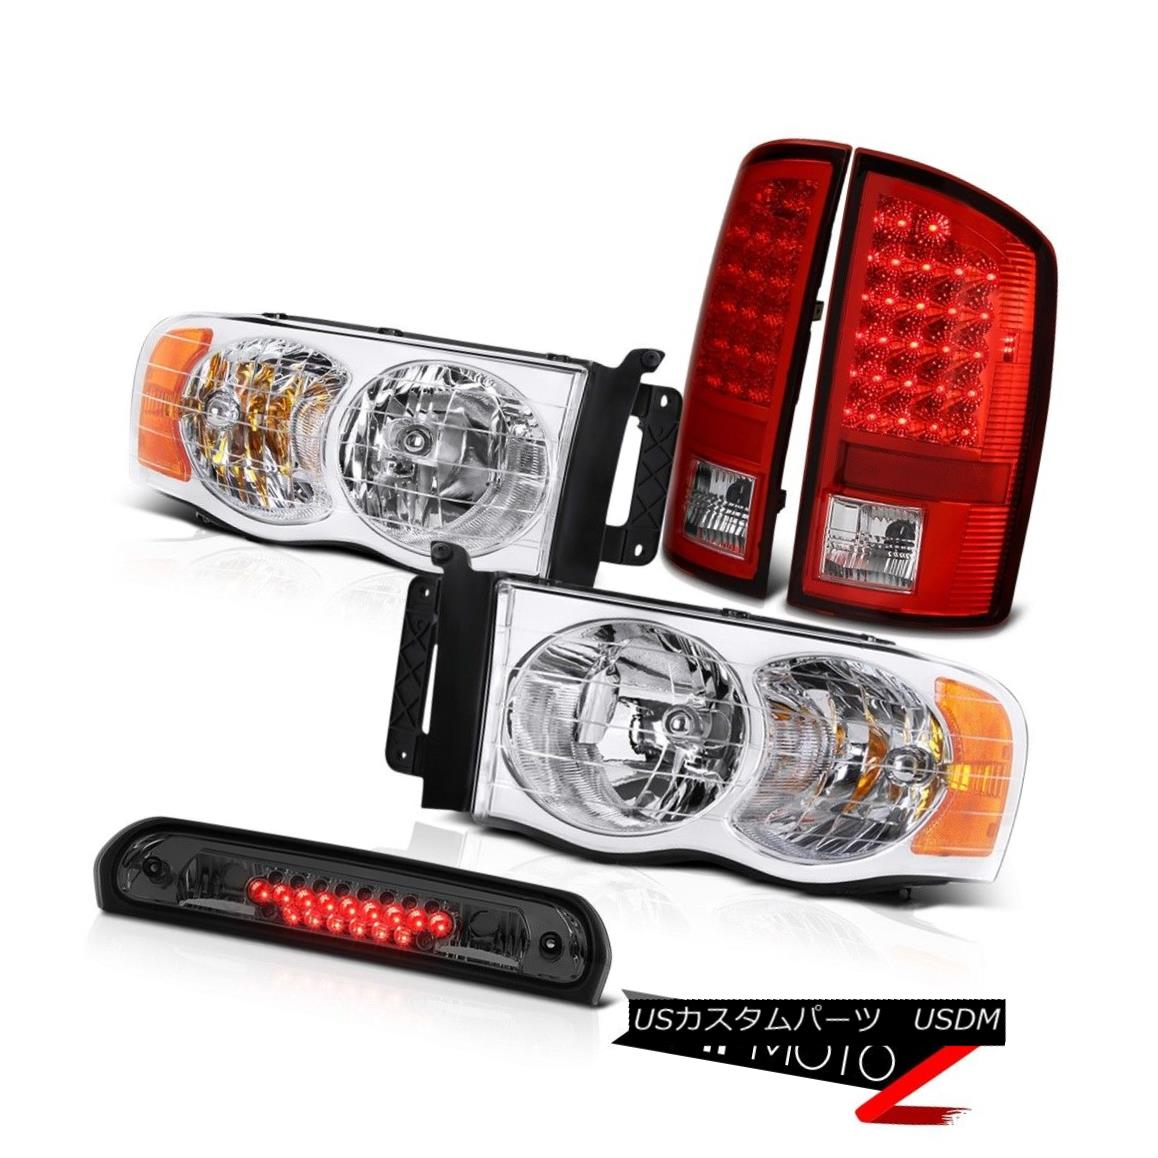 ヘッドライト Chrome Headlamps LED Tail Lights Smoke Third Brake 2002-2005 Ram TurboDiesel クロームヘッドランプLEDテールライトスモークサードブレーキ2002-2005 Ram TurboDiesel